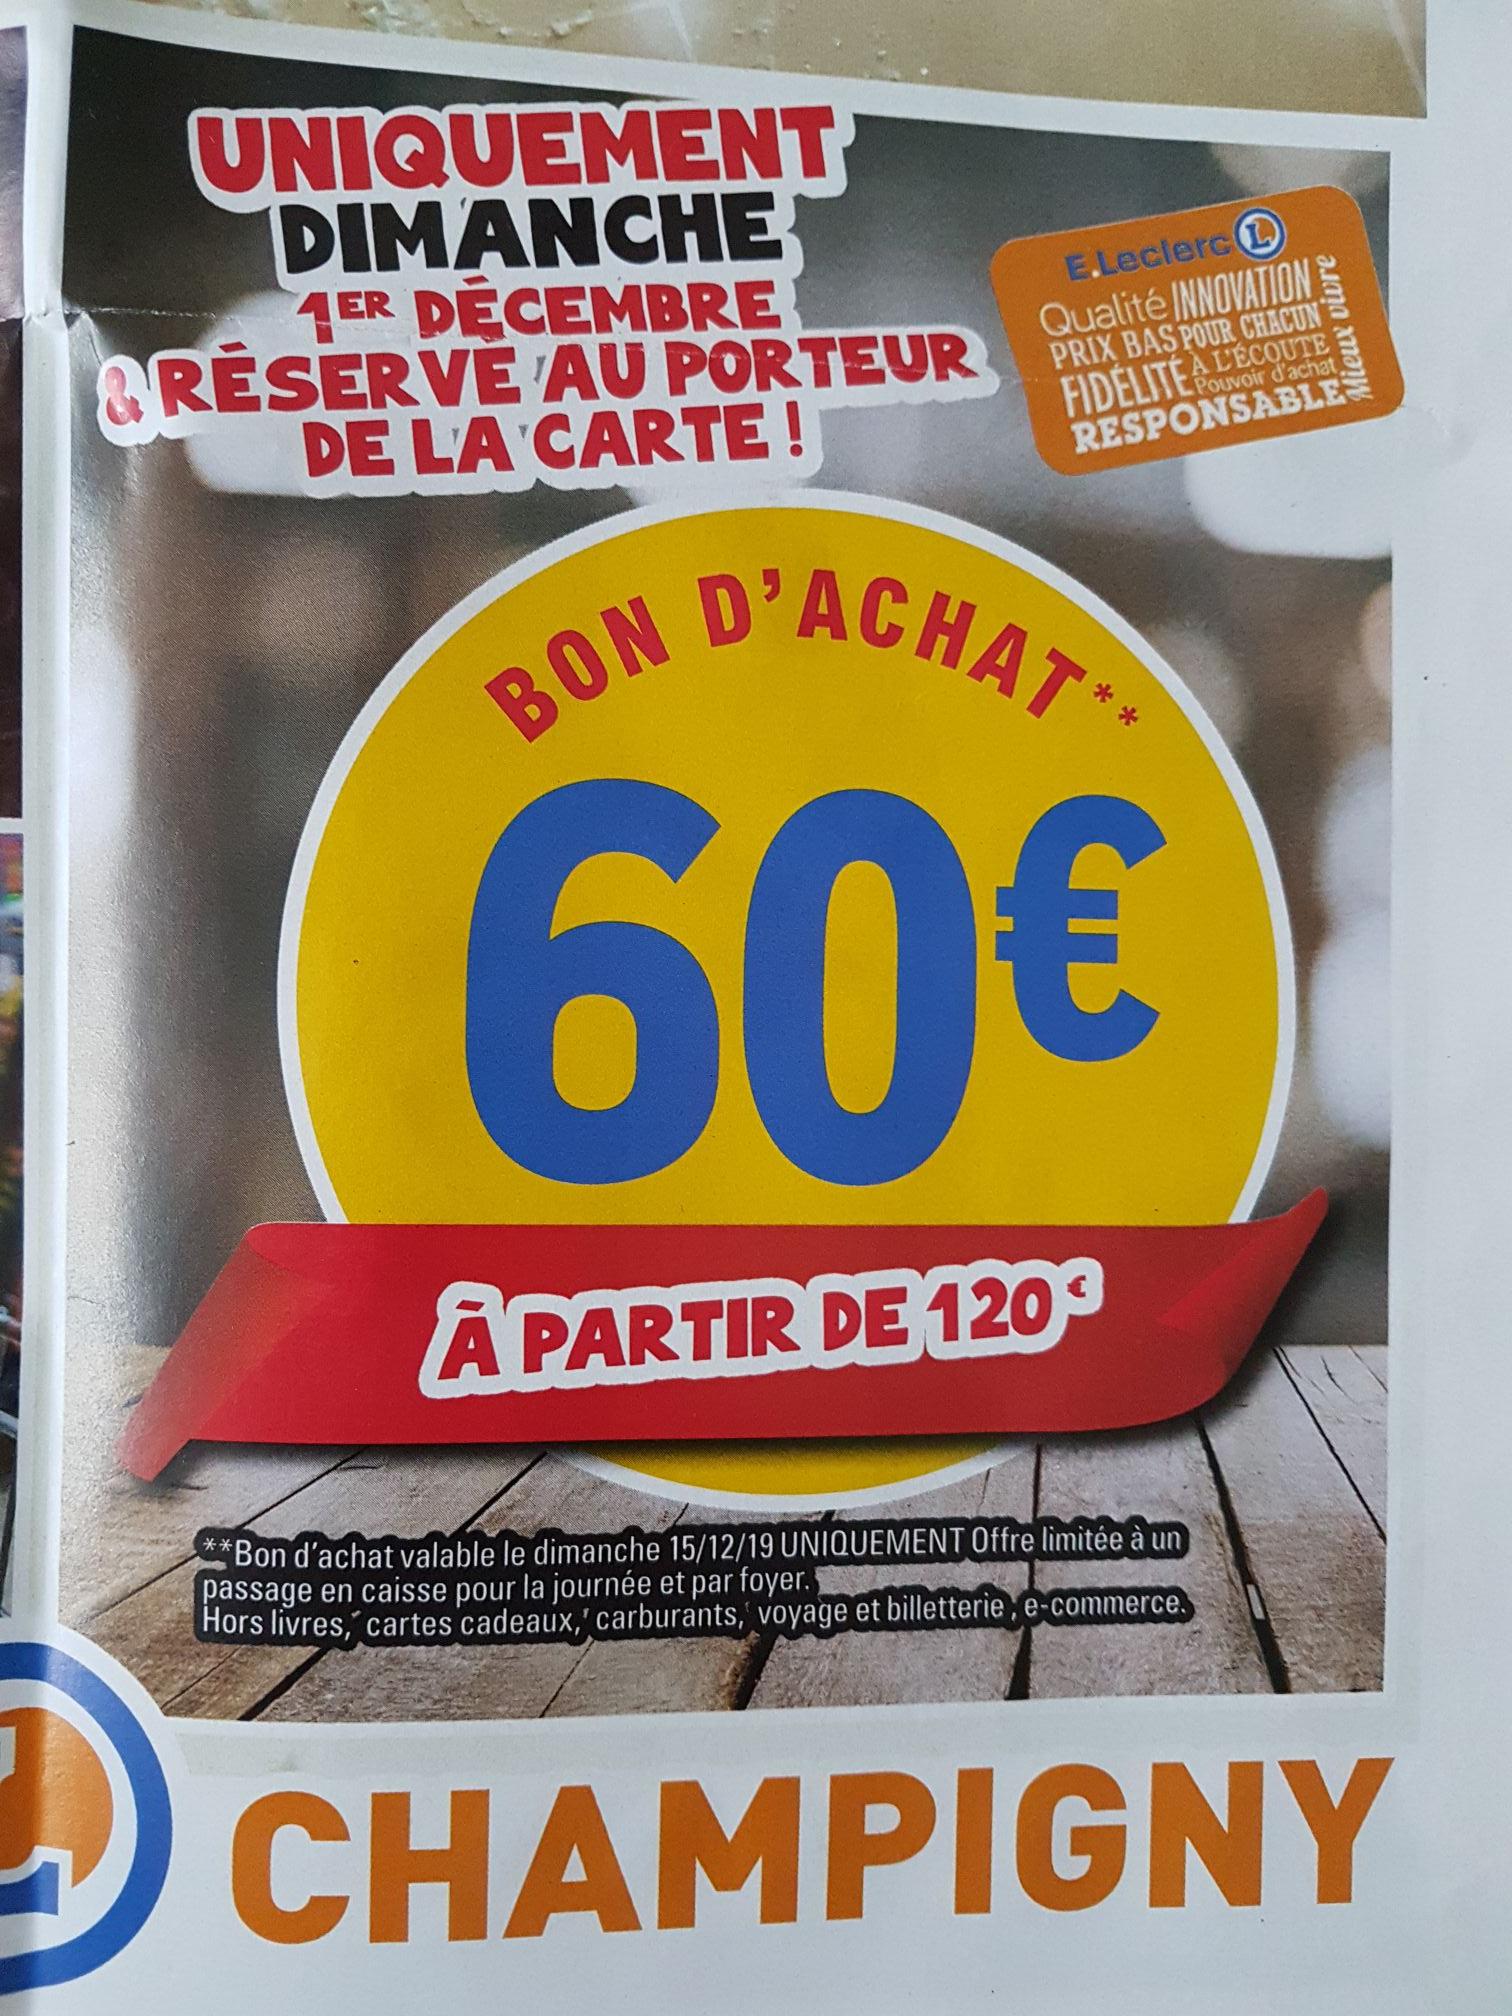 60€ crédités en bon d'achat à partir de 120€ d'achats (valable uniquement le 15/12/2019) - Leclerc Champigny Sur Marne (94)